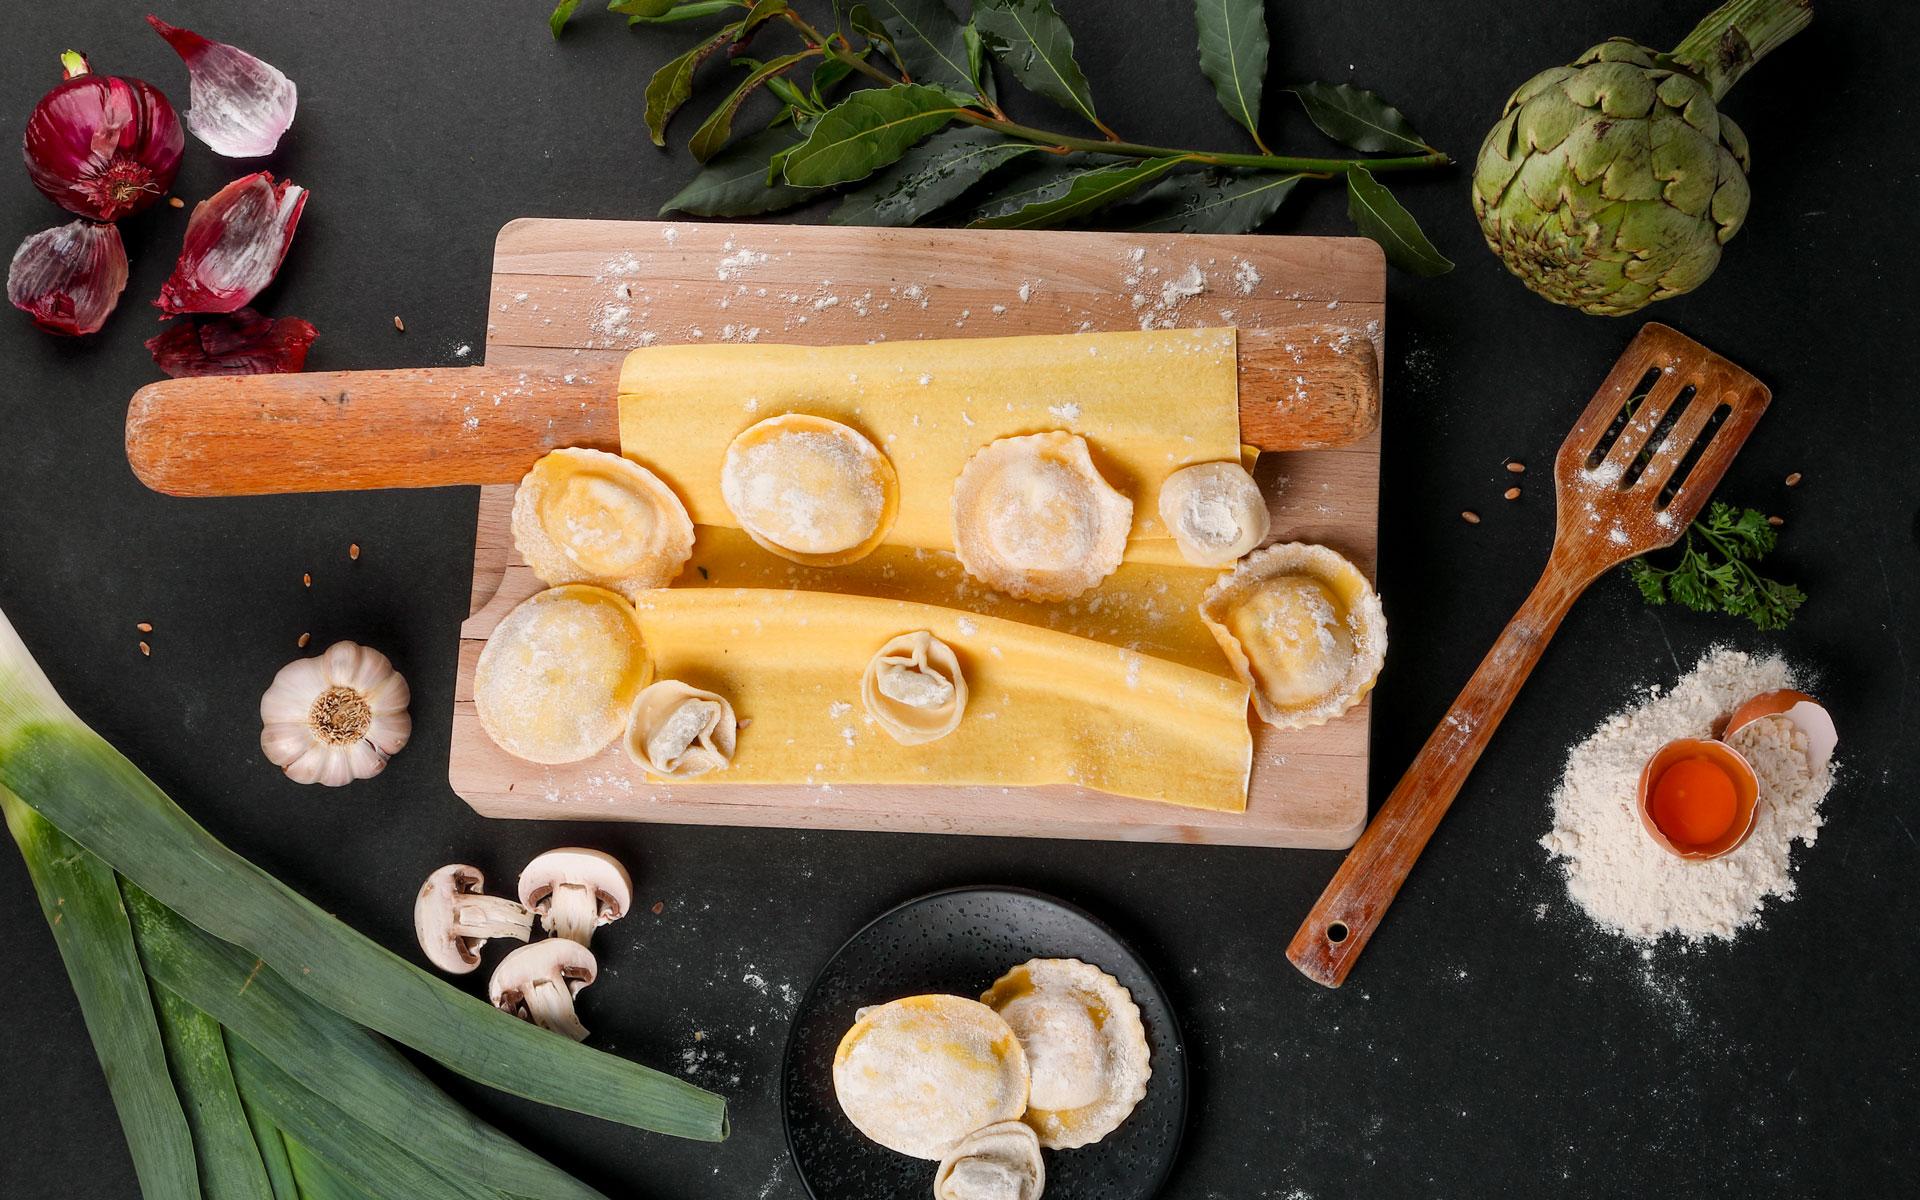 La Scaleta - Ingrédients raviolis - Actualités